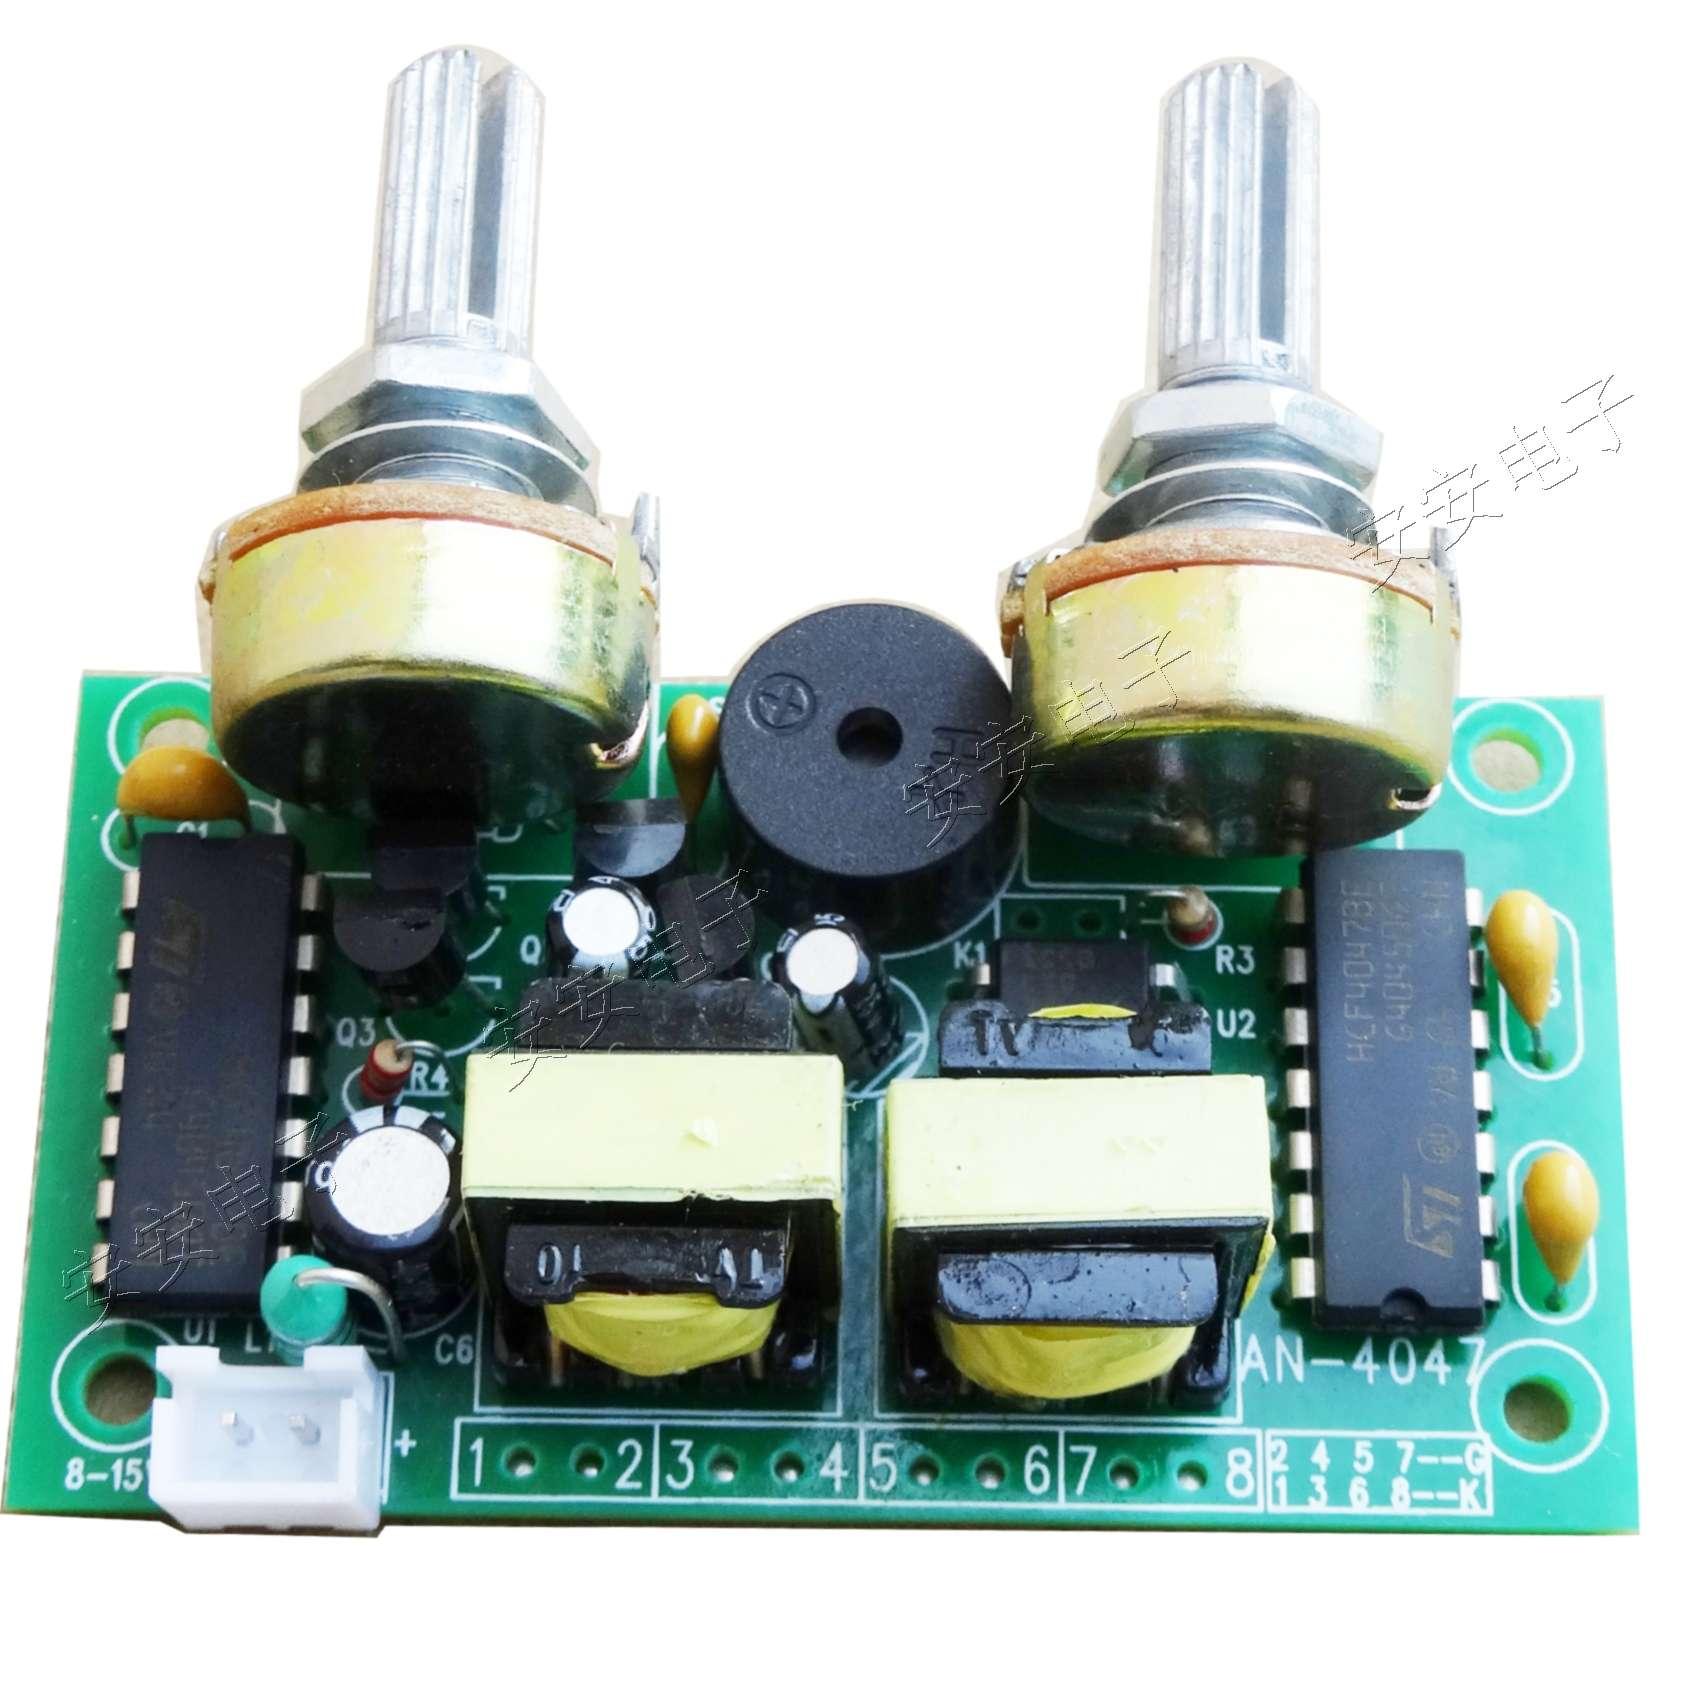 Thyristor Trigger Board Isolation Transformer Driver Four Silicon Single Silicon Dual Silicon Mixing Driver Board